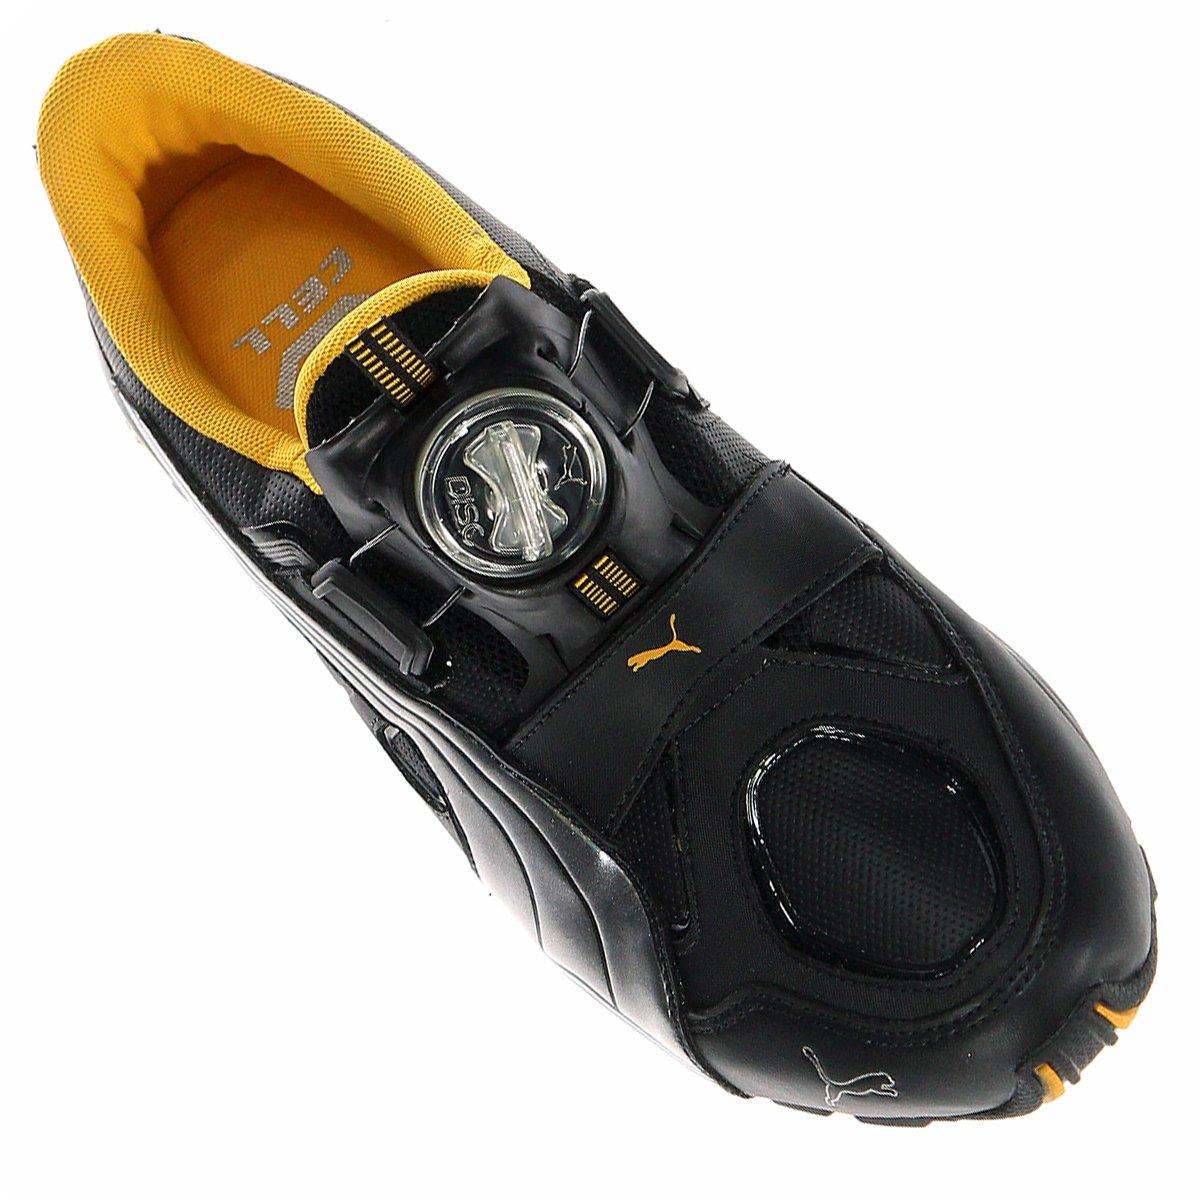 Tênis Puma Disc Cell Aether SL 2.0 Prime - Compre Agora  e3b5390446016